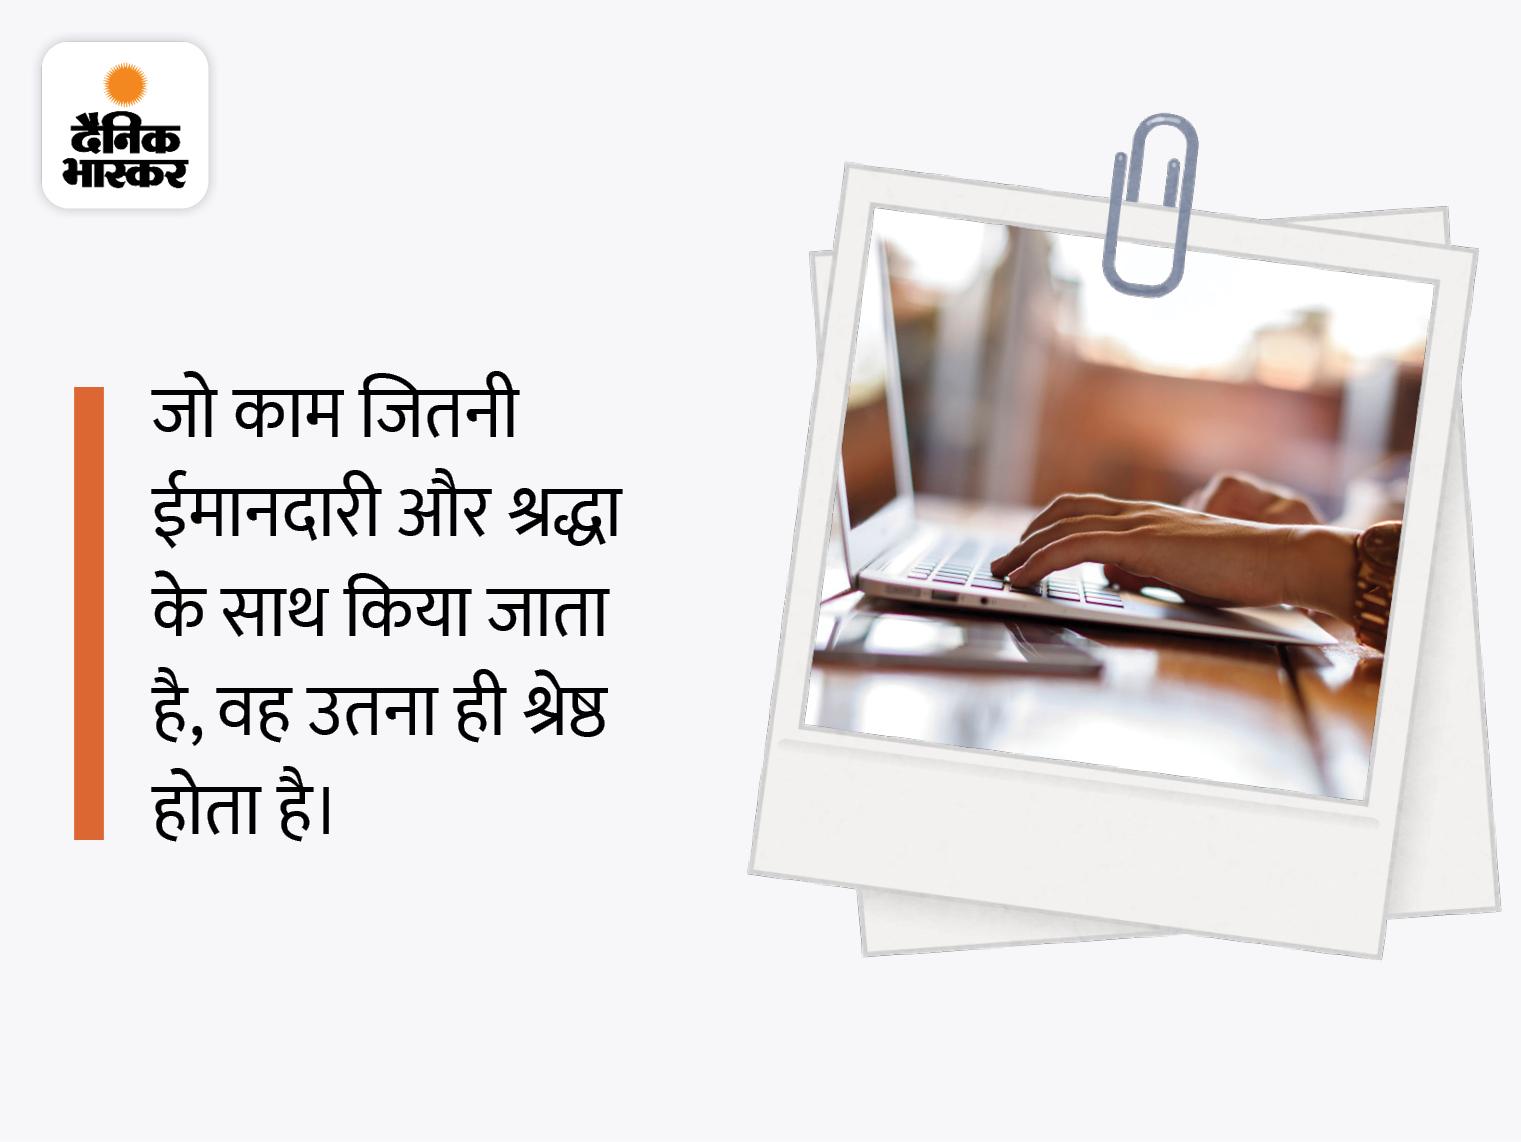 हमें अपने काम से मित्रता कर लेनी चाहिए, तभी लाभ मिल सकता है, काम को बोझ मानेंगे तो परेशानियां बढ़ती रहेंगी|धर्म,Dharm - Dainik Bhaskar